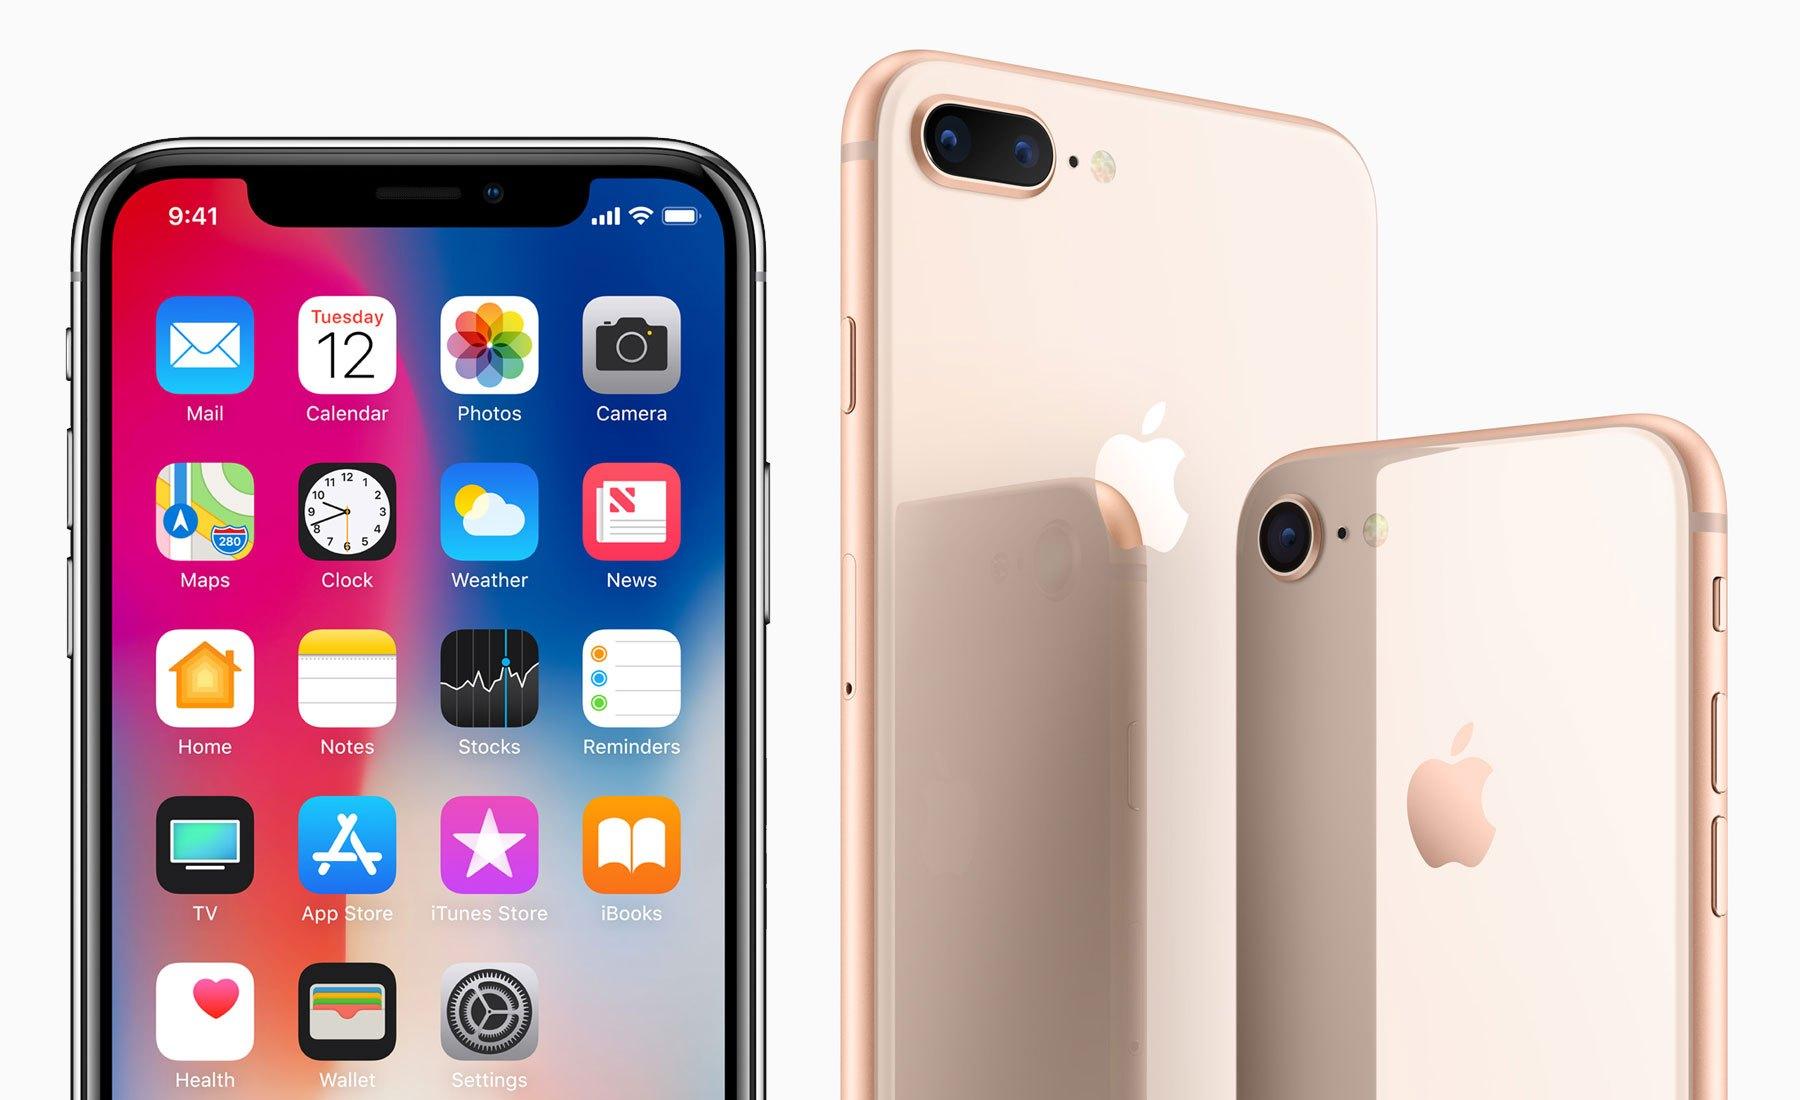 南京苹果维修点教你怎么关闭iPhone各种烦人弹窗?-手机维修网